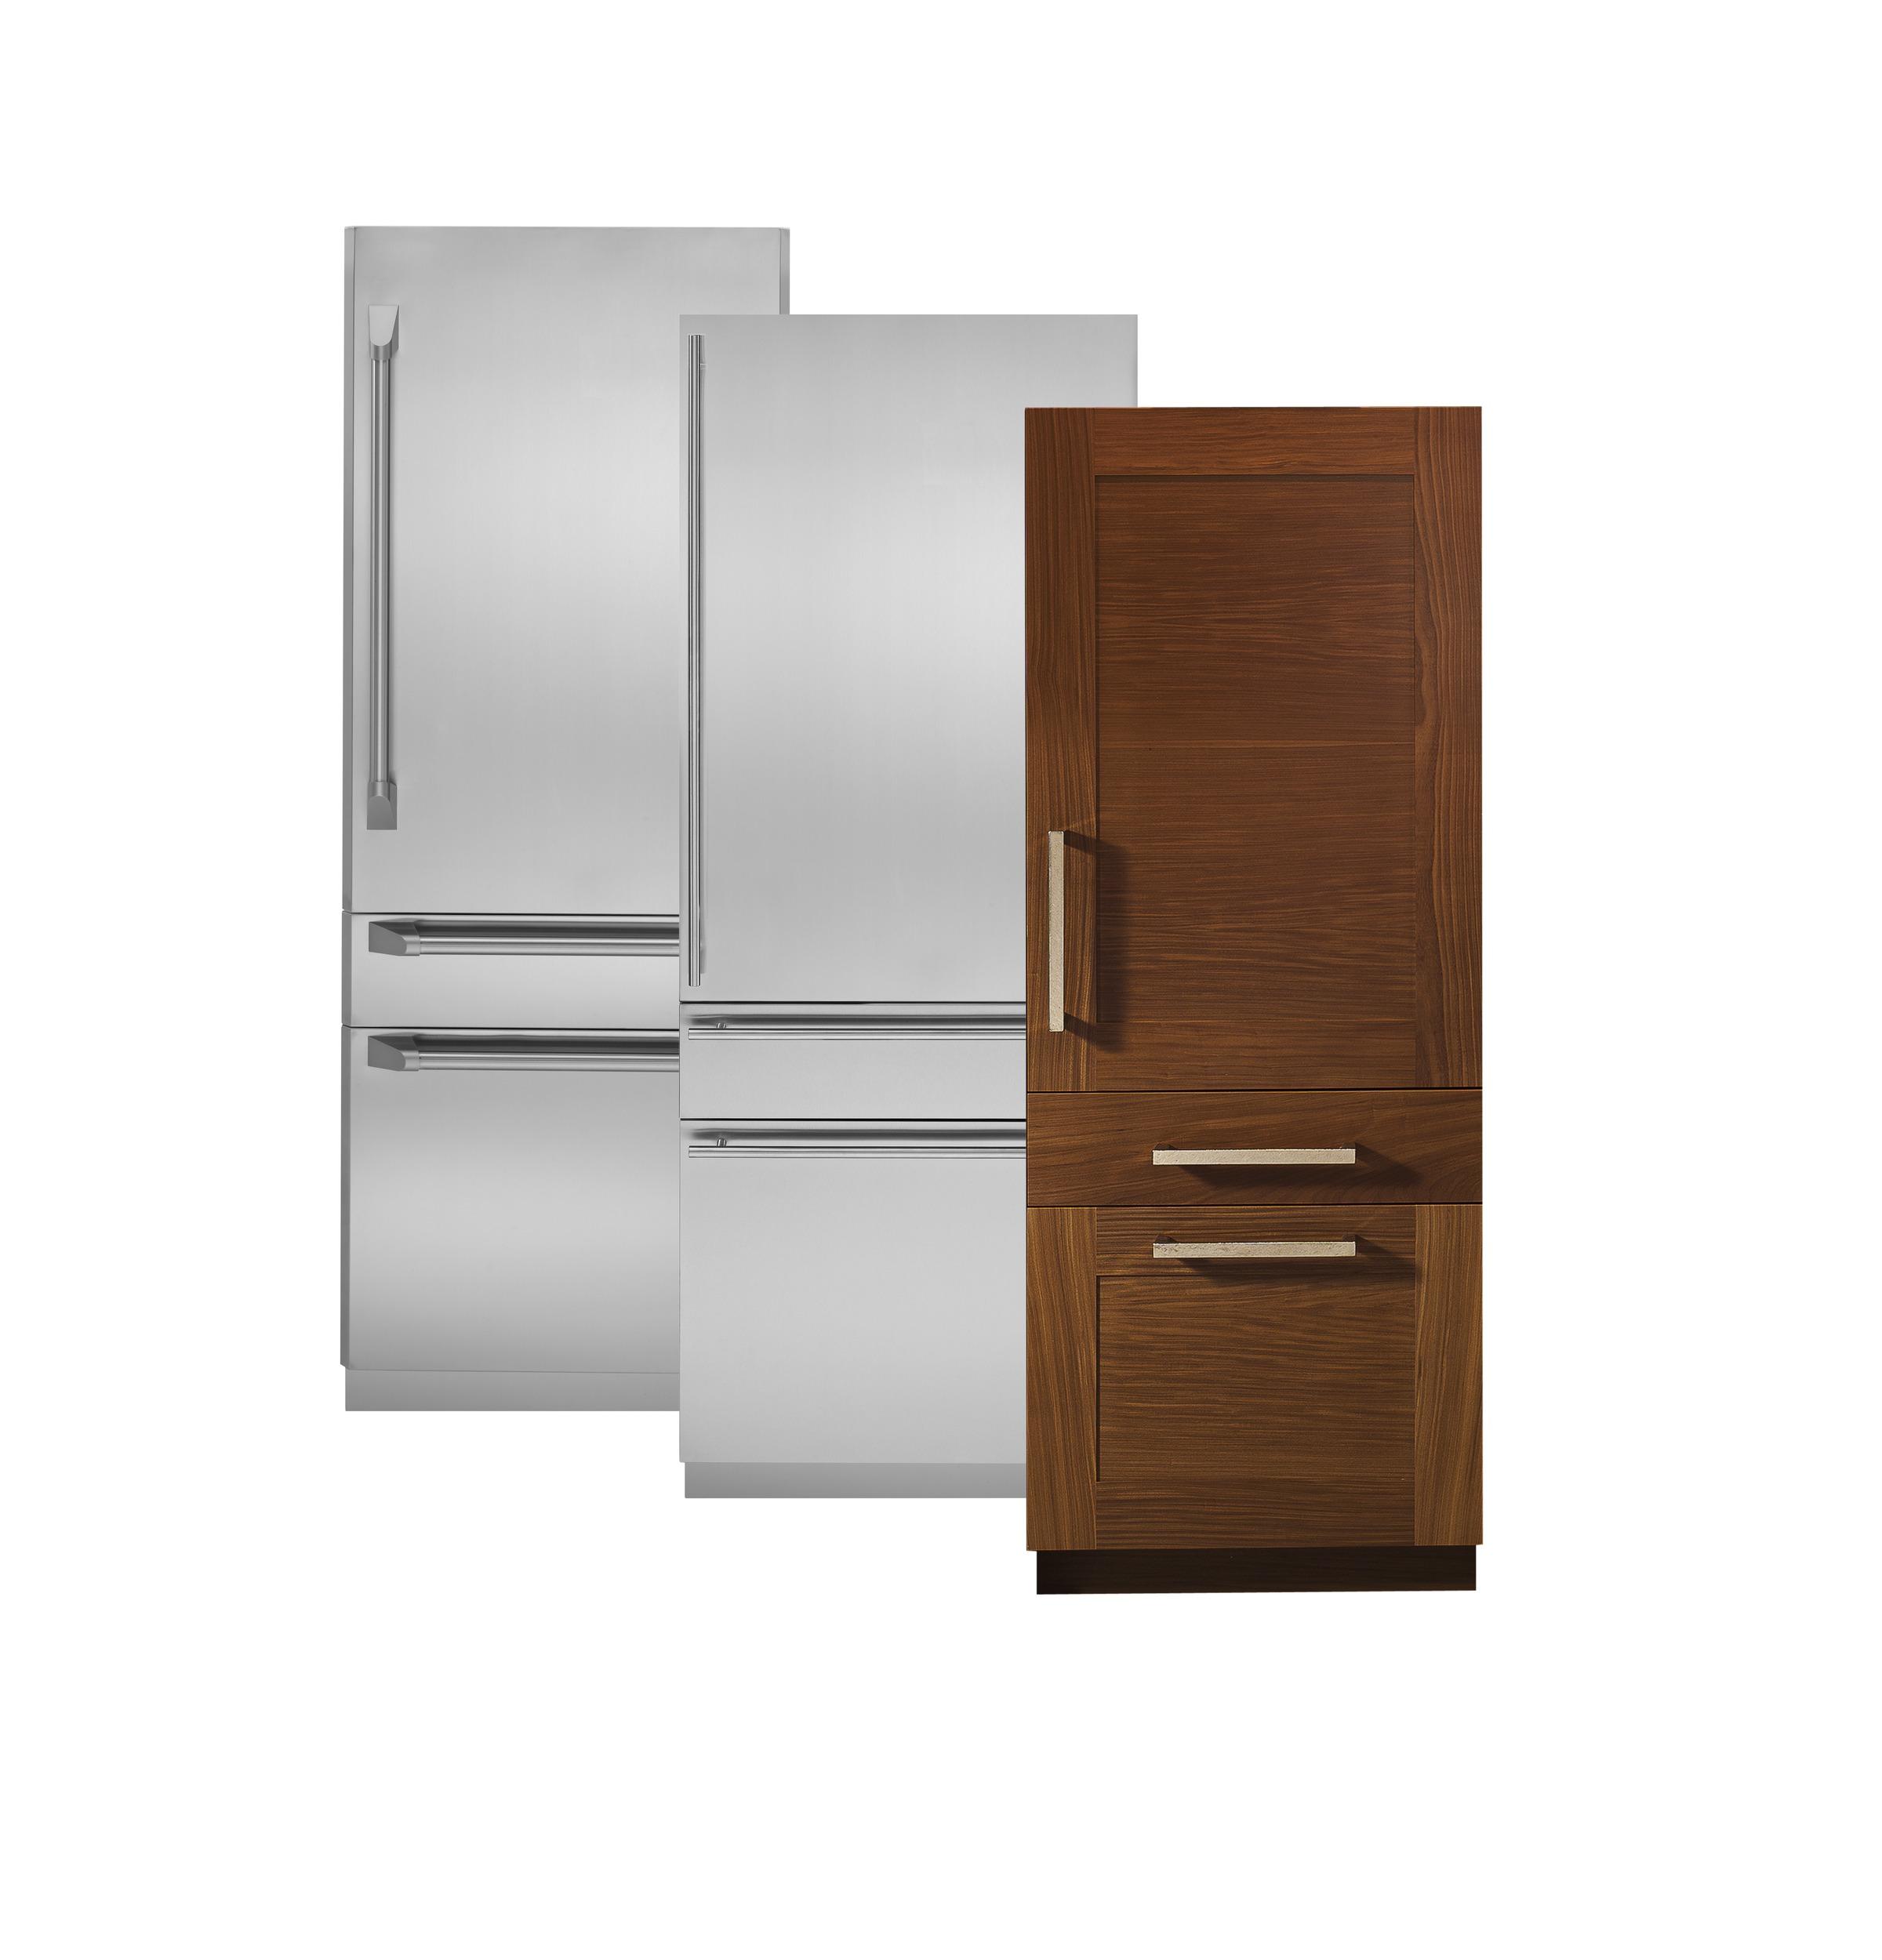 美國GE奇異 ZIC30GND 30吋崁入式上冷藏三門冰箱【零利率】 ※熱線07-7428010